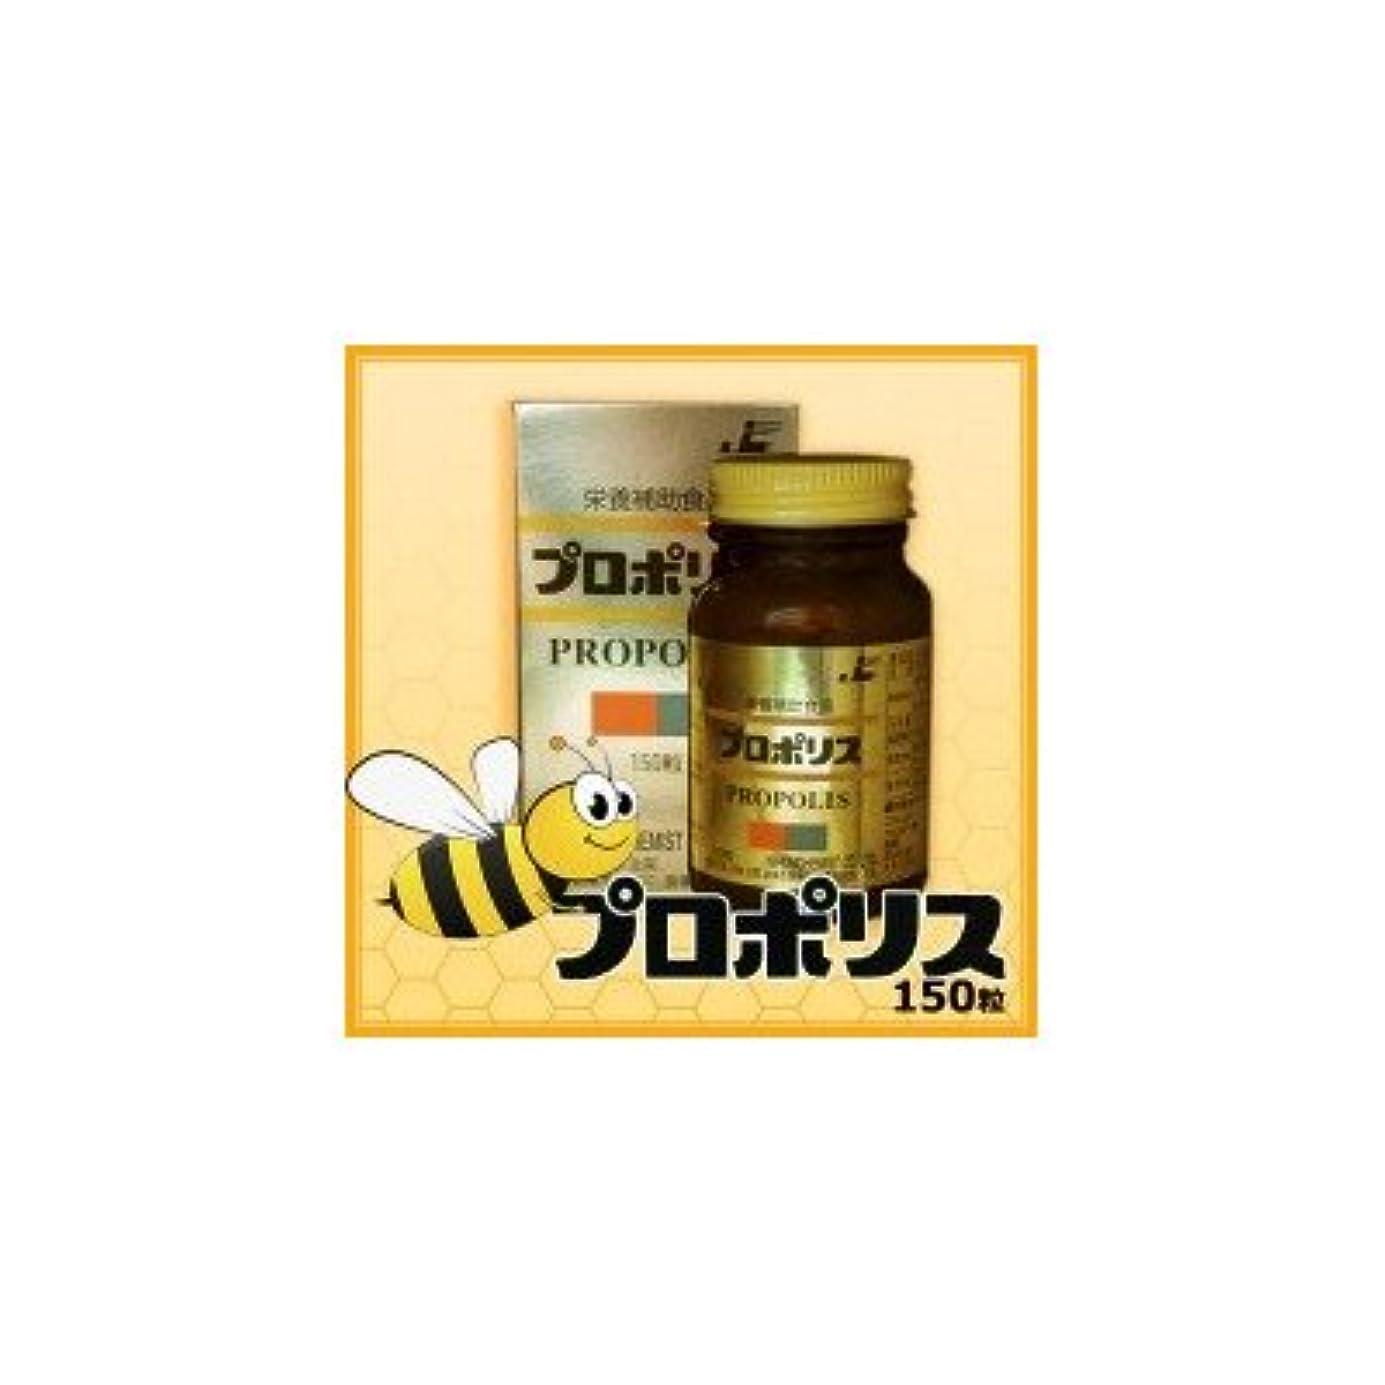 シャイニング口ひげ横にプロポリス 37.5g(250mg×150粒)